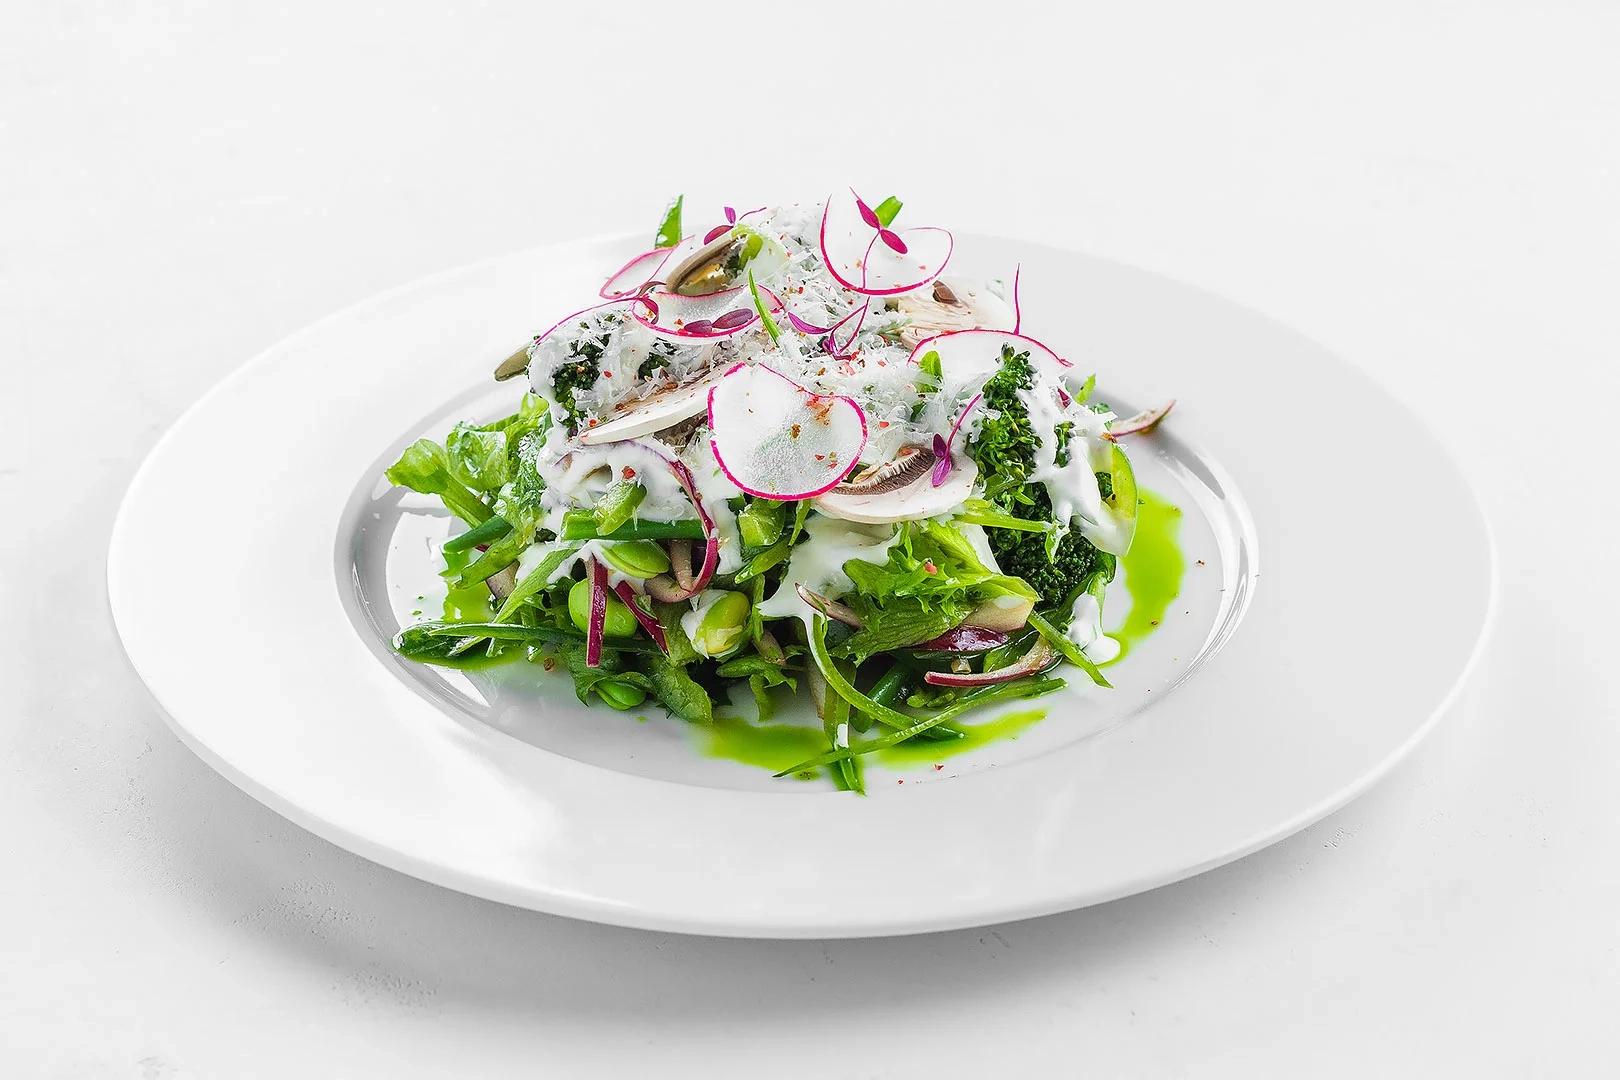 Салат по-Парижски с кенийской фасолью, молодым зелёным горошком, грибами и сметанным соусом